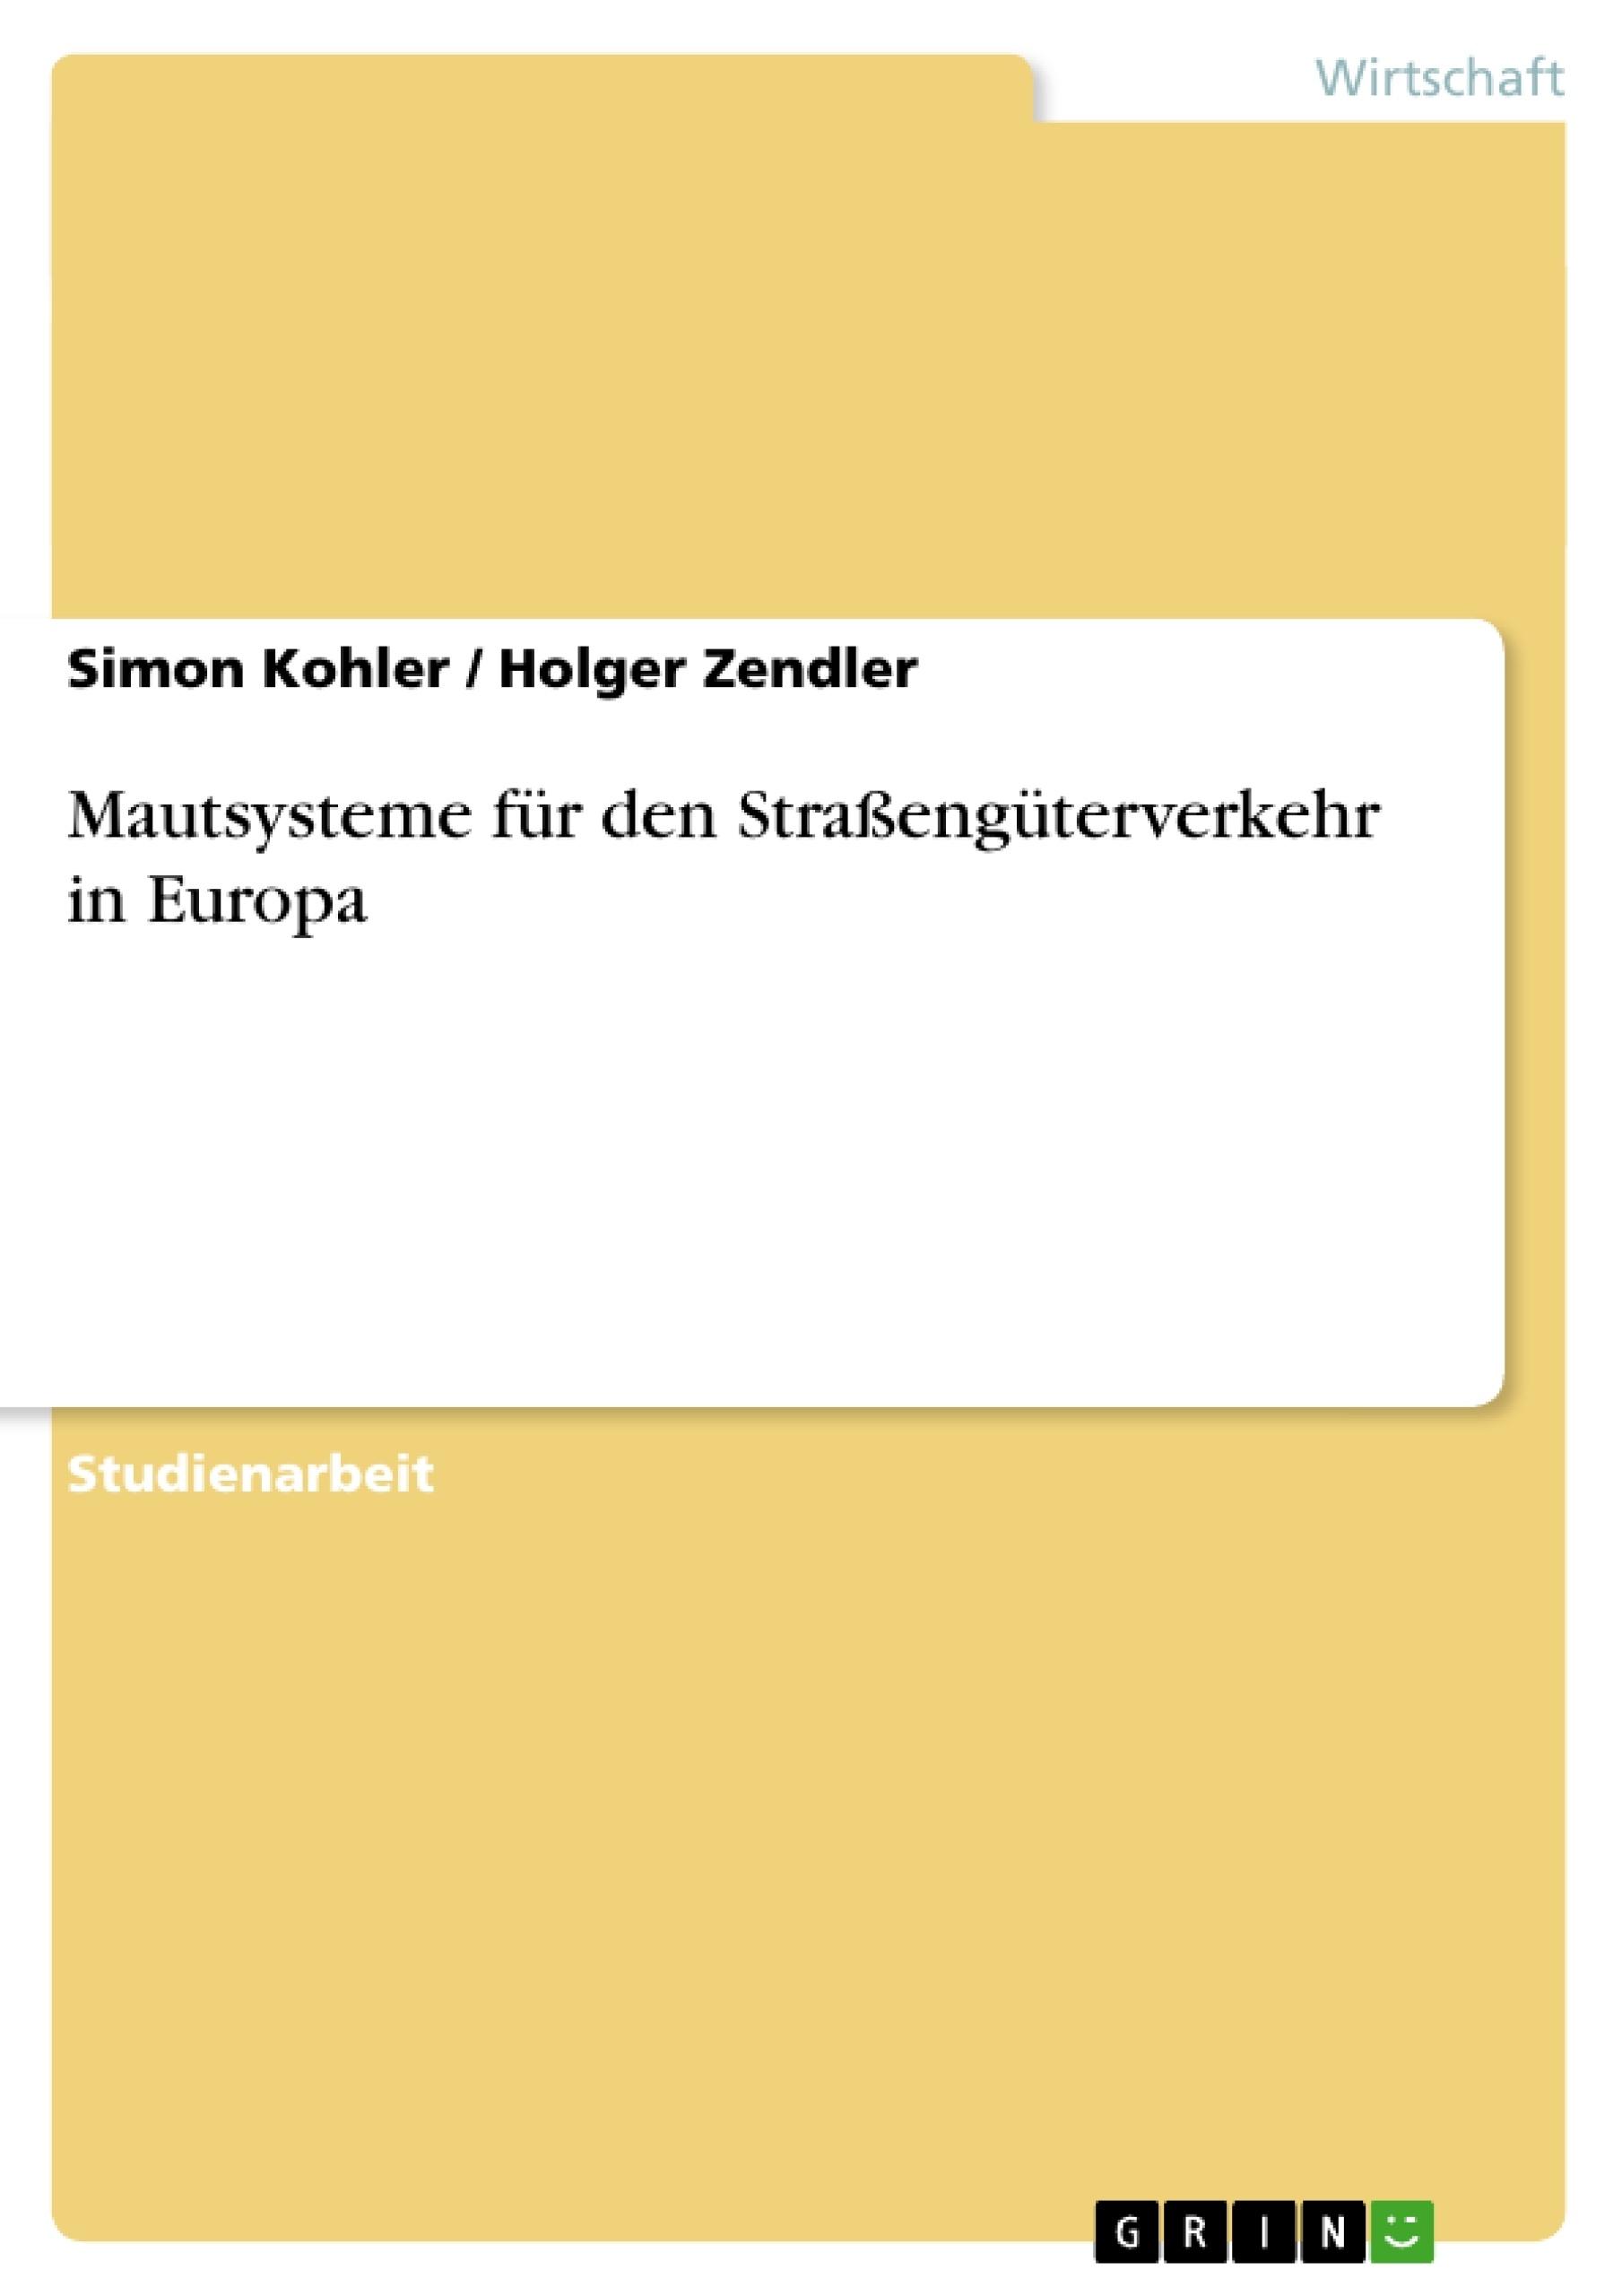 Titel: Mautsysteme für den Straßengüterverkehr in Europa